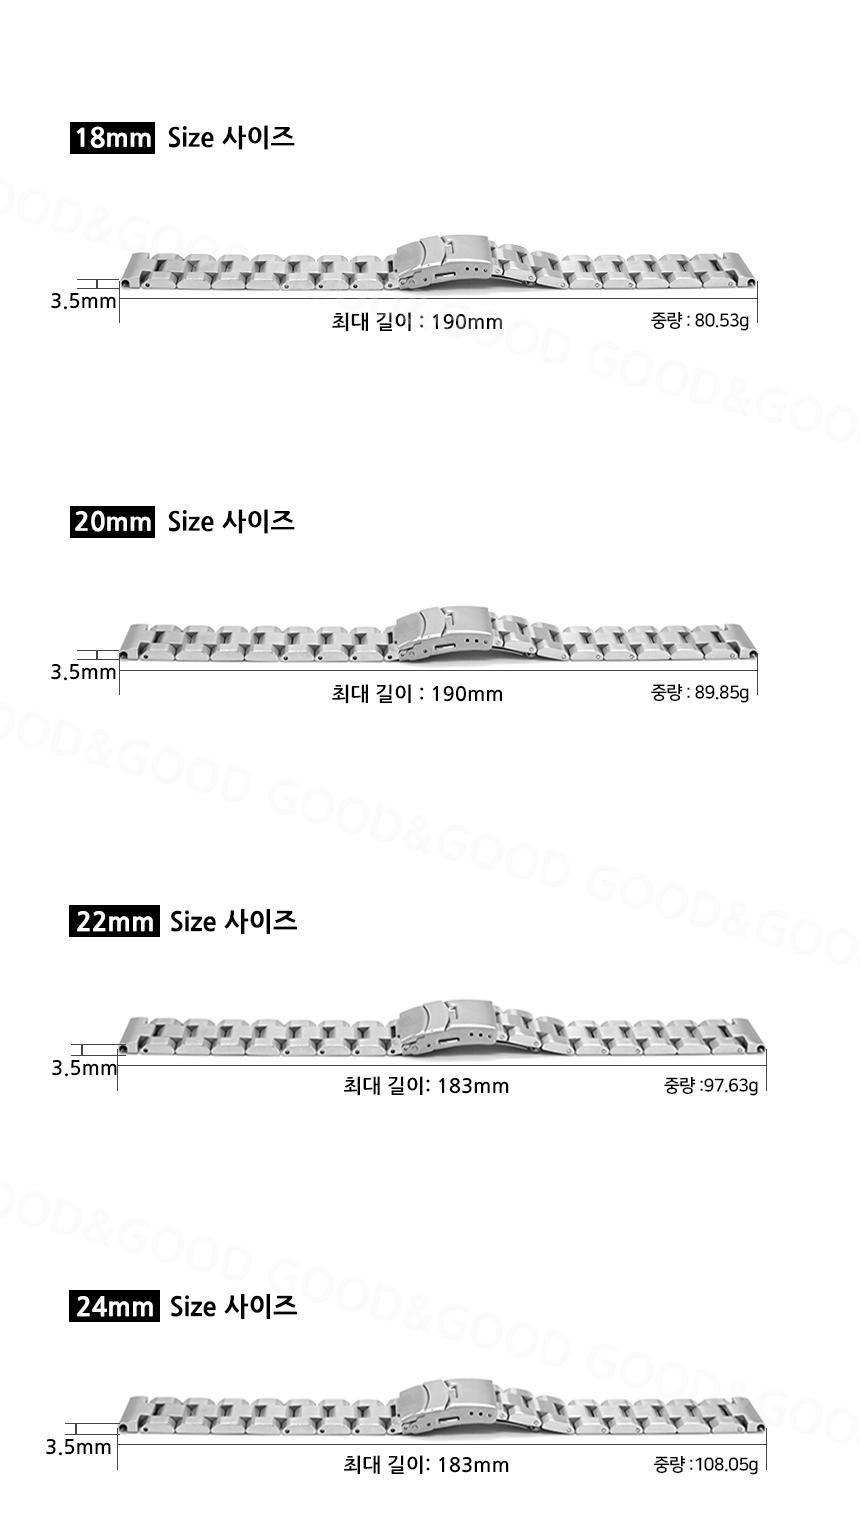 사이즈는 18mm 20mm 22mm 24mm 4가지 이며 18mm의 최대길이 190mm 20mm의 최대길이 190mm 22mm의 최대길이 183mm 24mm의 최대길이 183mm입니다. 조정할 수 있는 마디가 많아서 최소길이는 원하는데로 가능합니다.